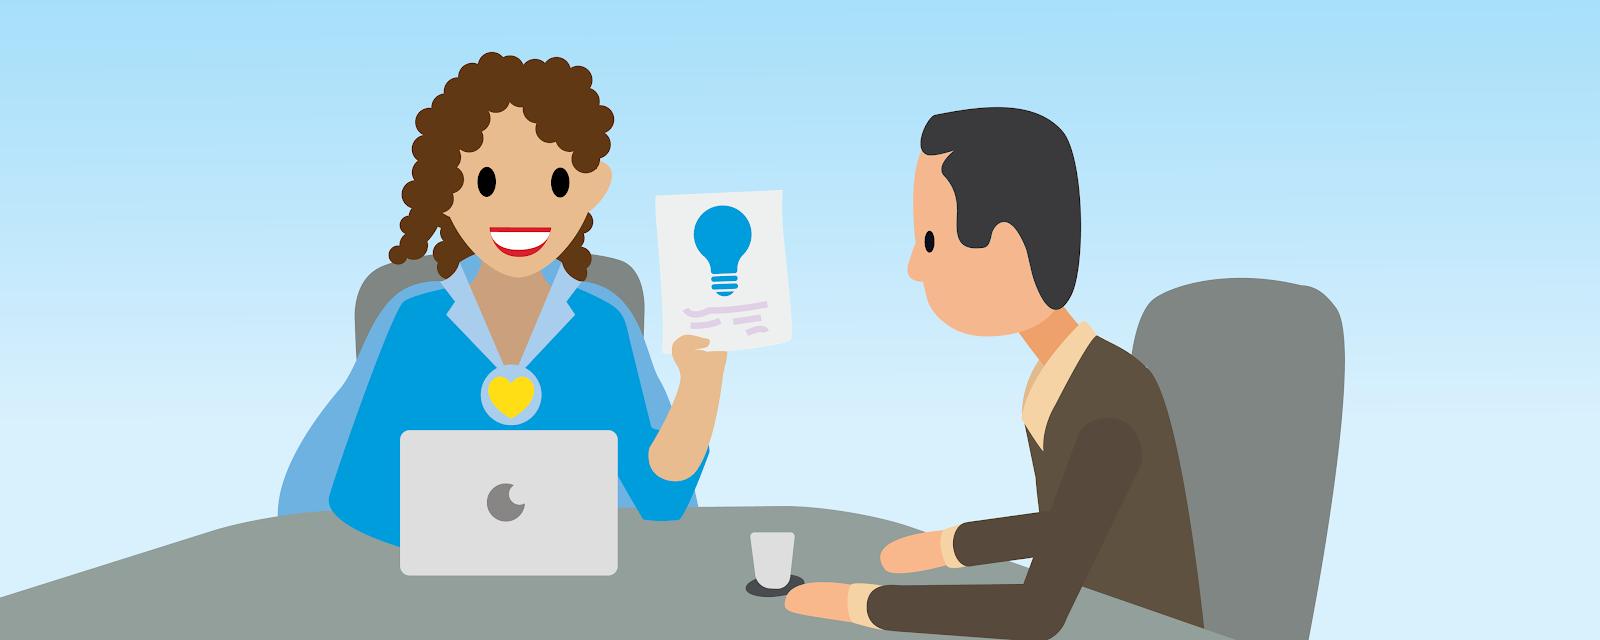 Ilustração de uma mulher que mostra um pedaço de papel a um homem.